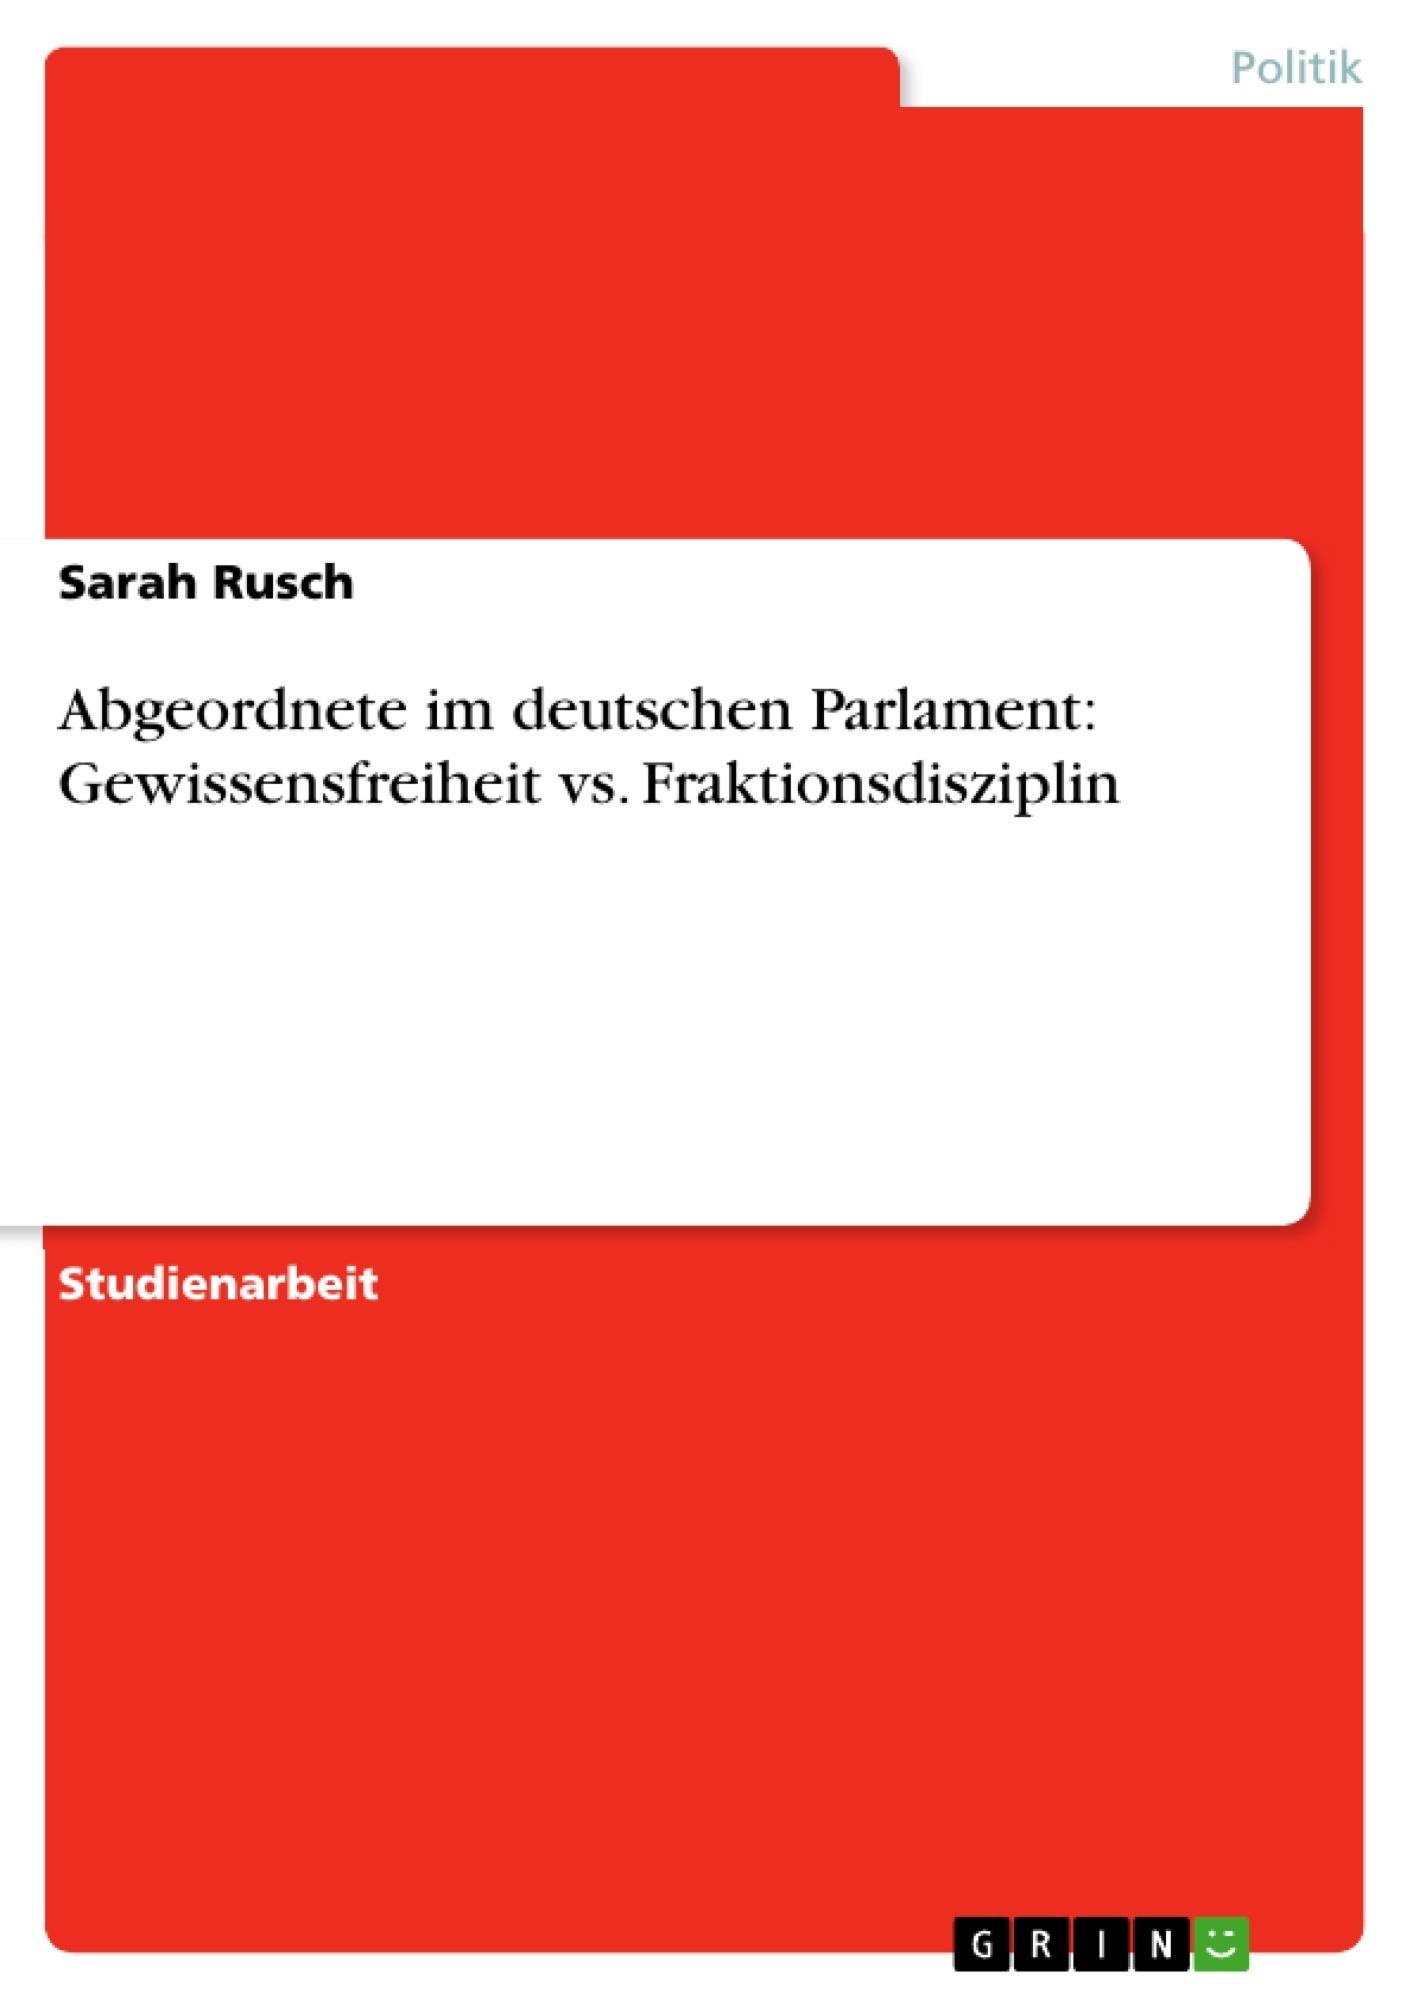 Titel: Abgeordnete im deutschen Parlament: Gewissensfreiheit vs. Fraktionsdisziplin